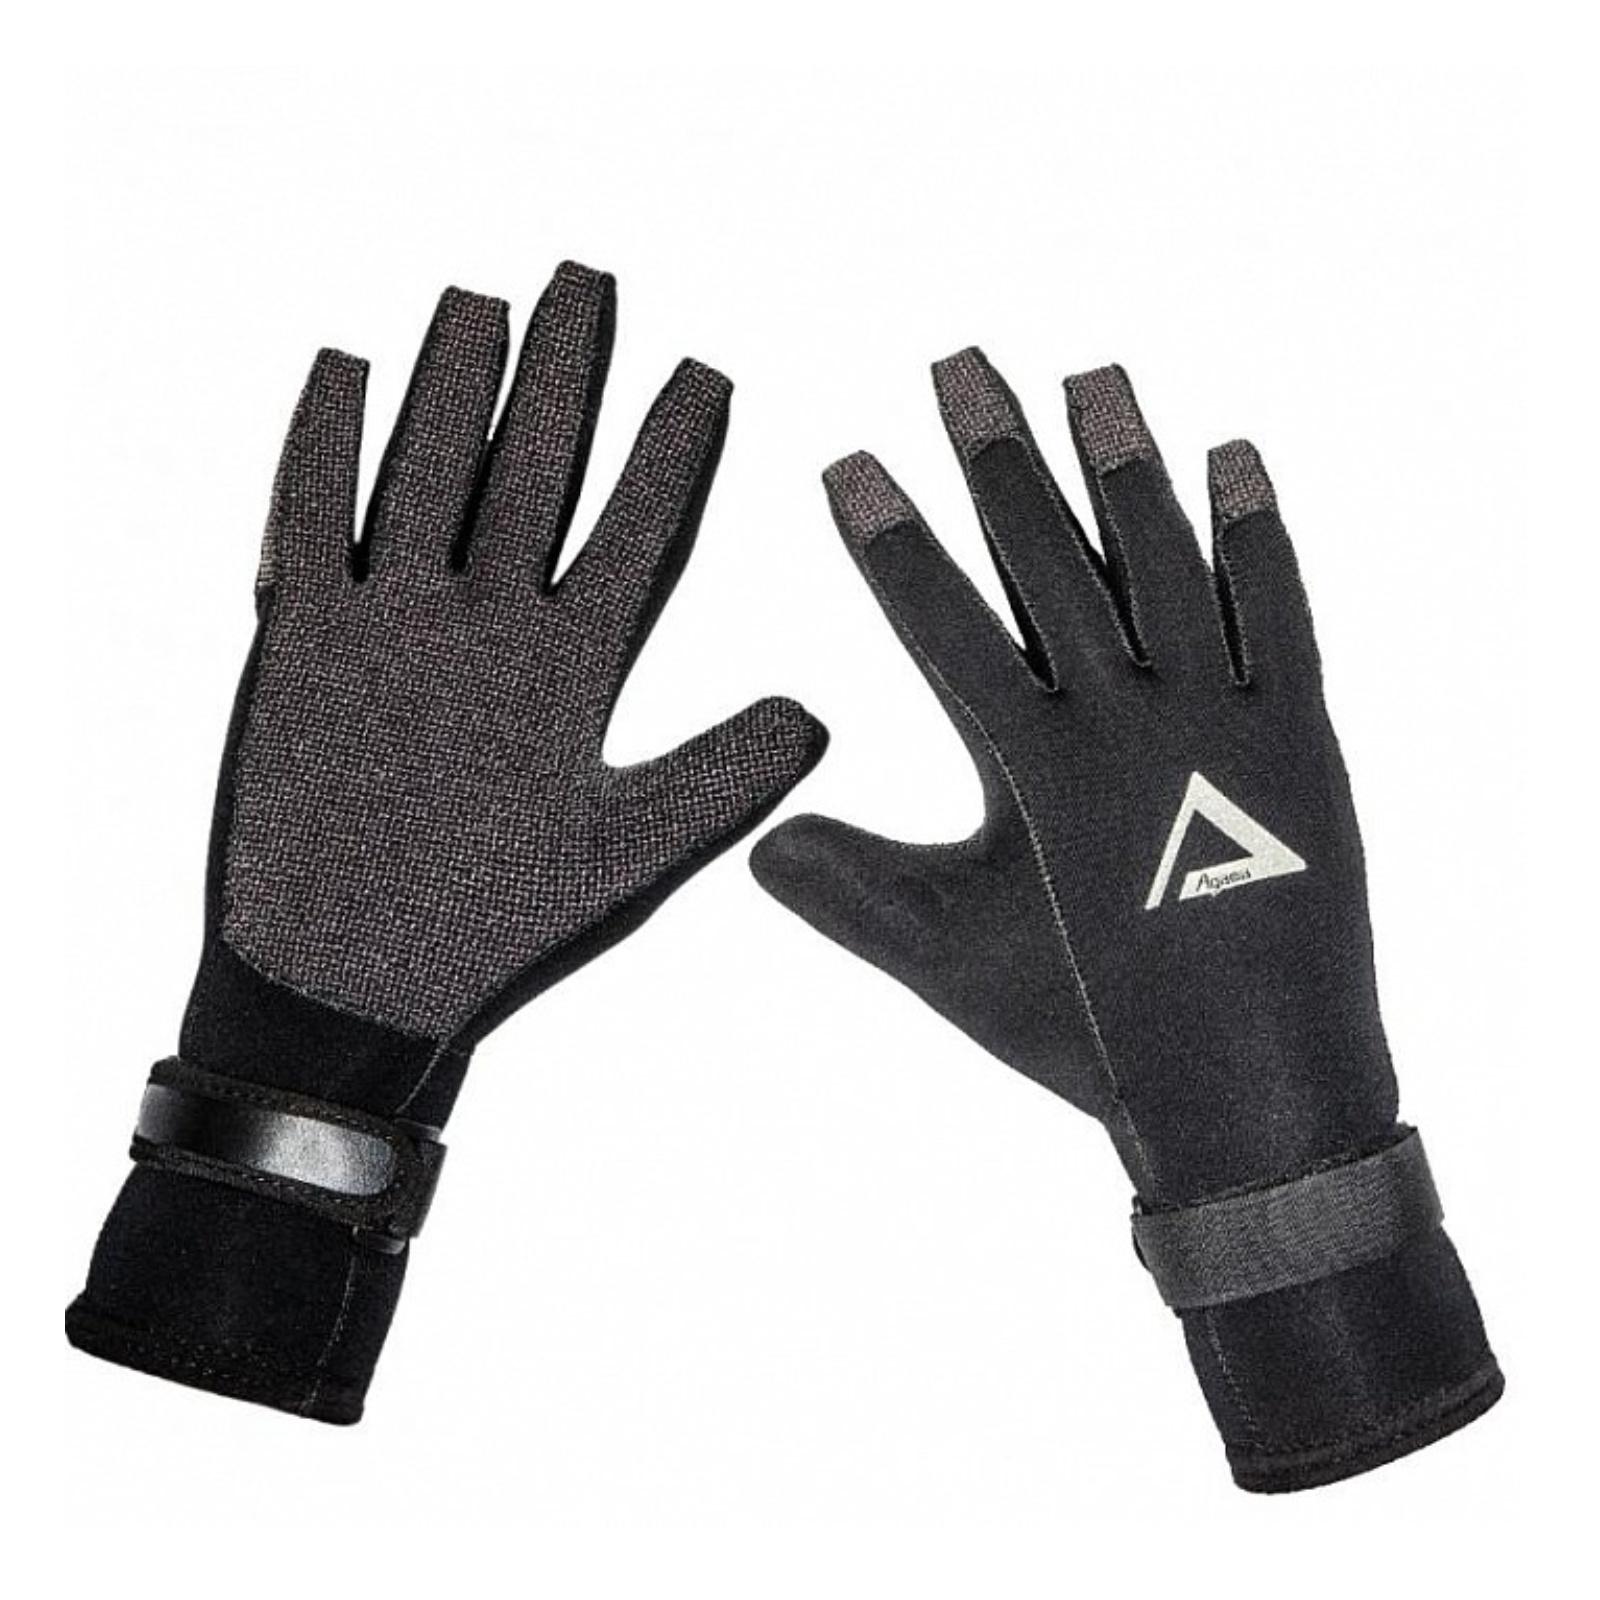 Neoprenové rukavice AGAMA Kevlar 3 mm